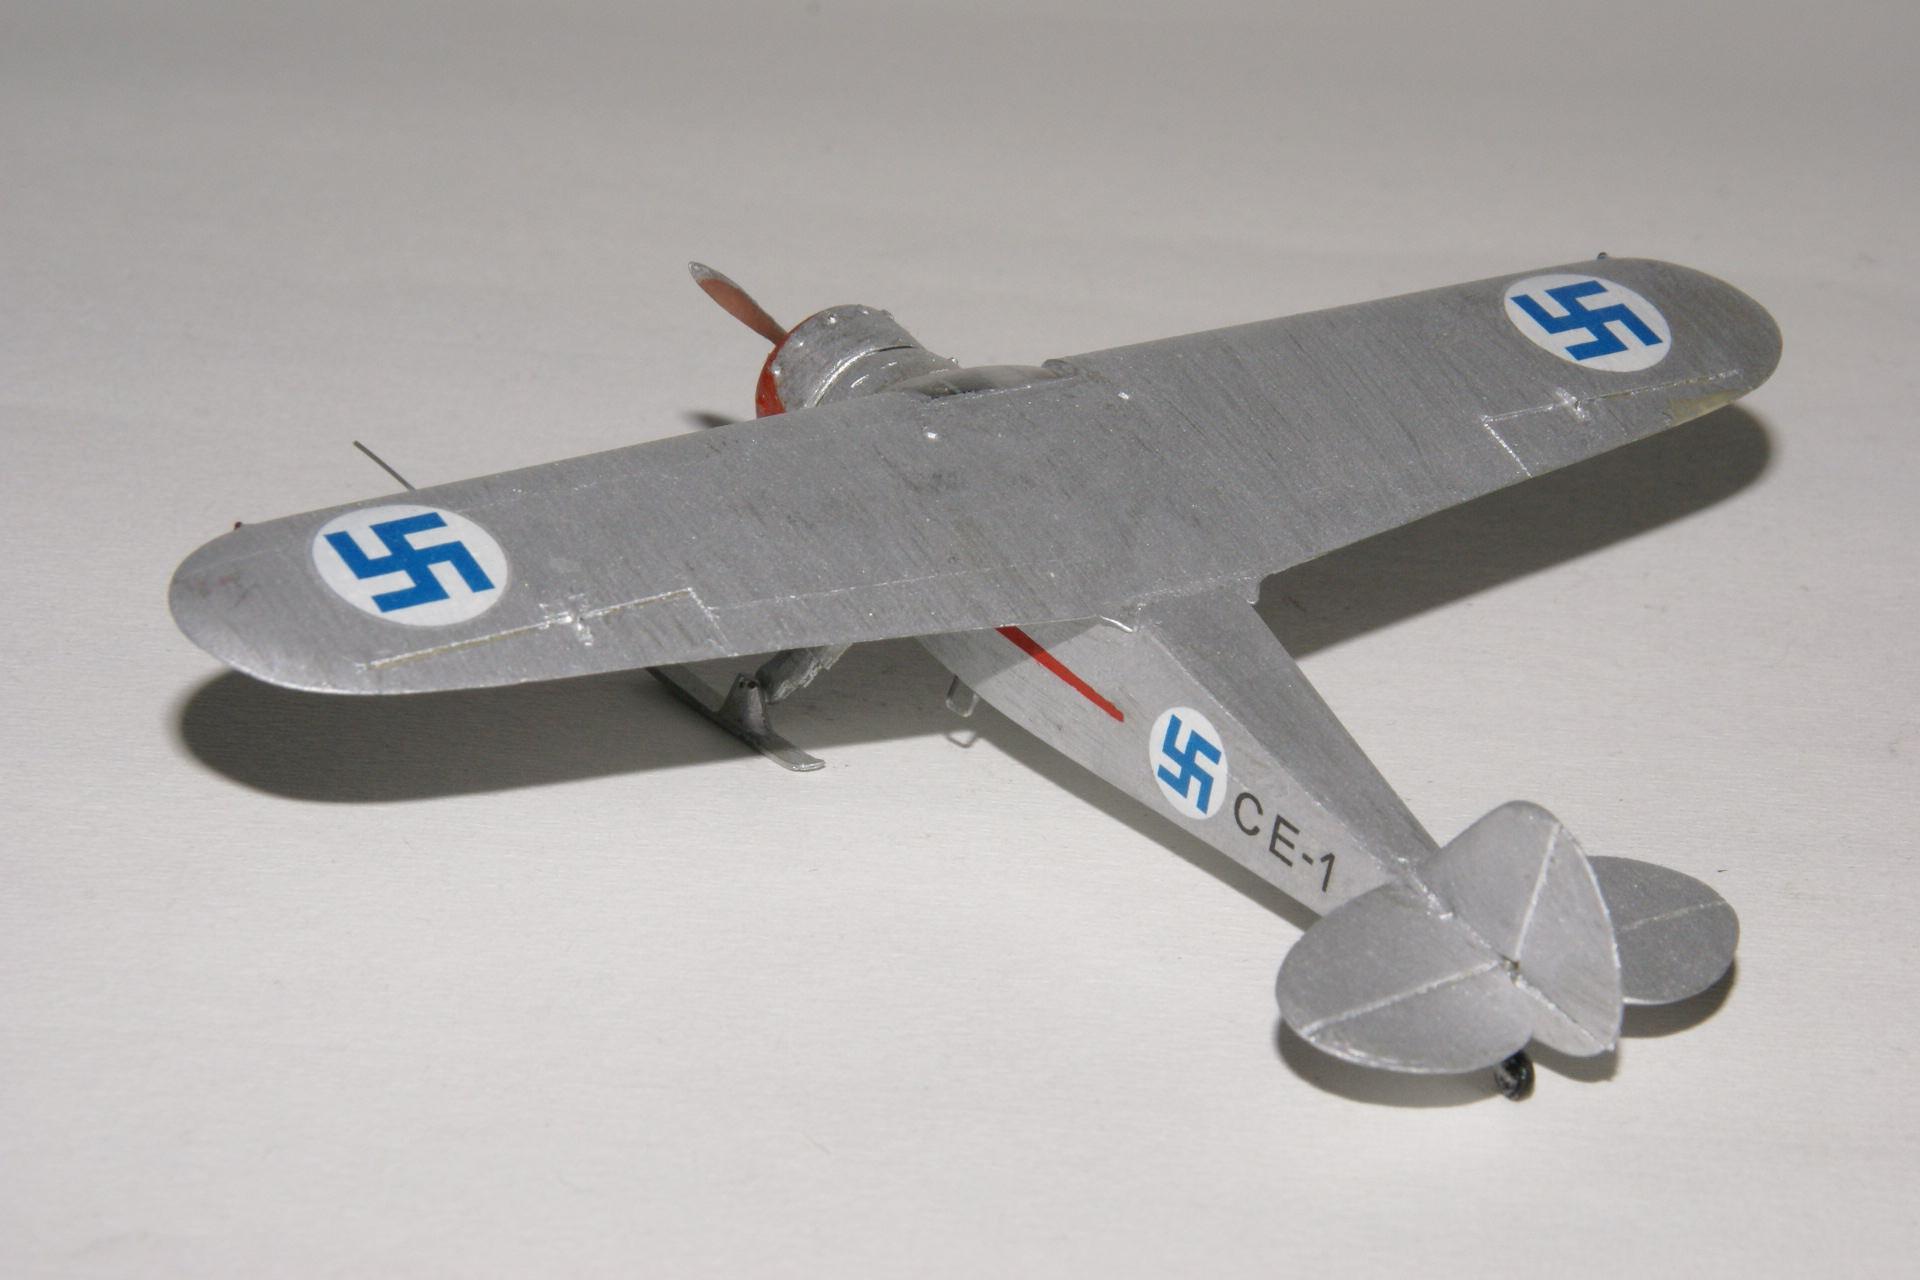 Cessna c 37 airmaster 10